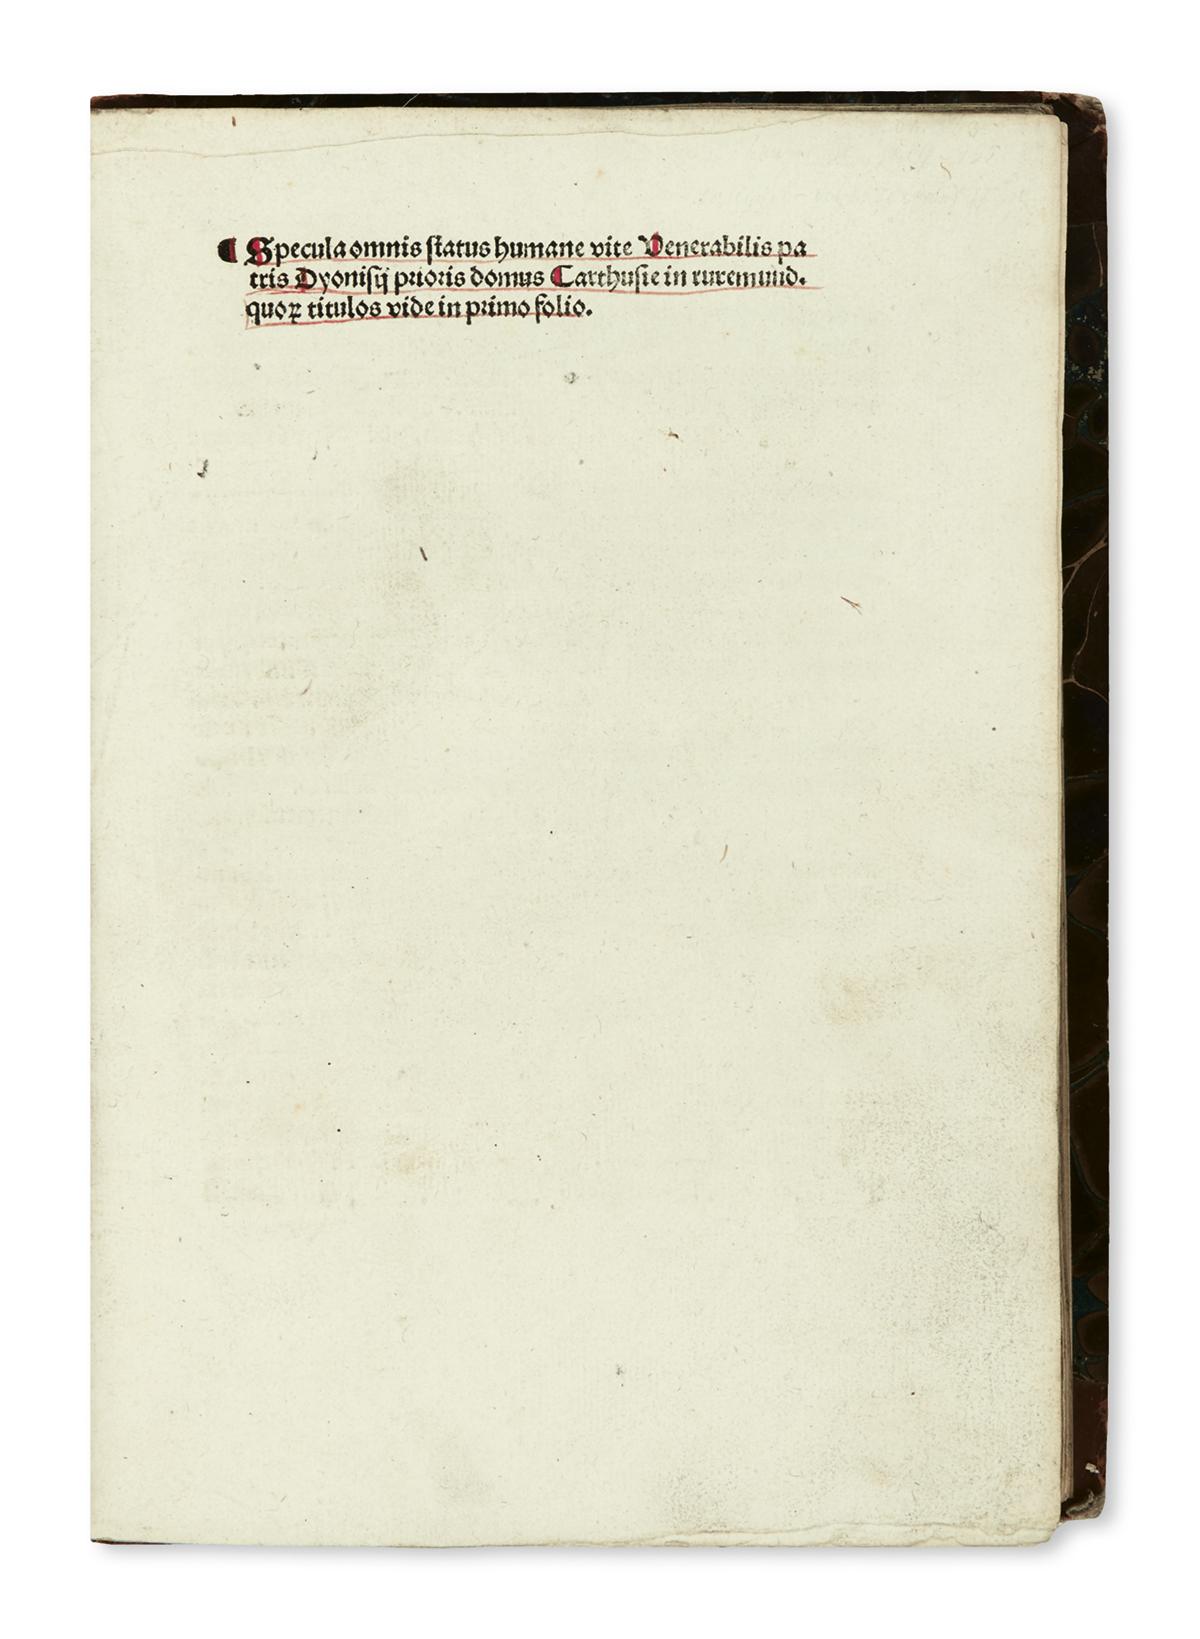 INCUNABULA--DIONYSIUS-the-Carthusian-[i-e-DENIS-VAN-LEEUWEN]